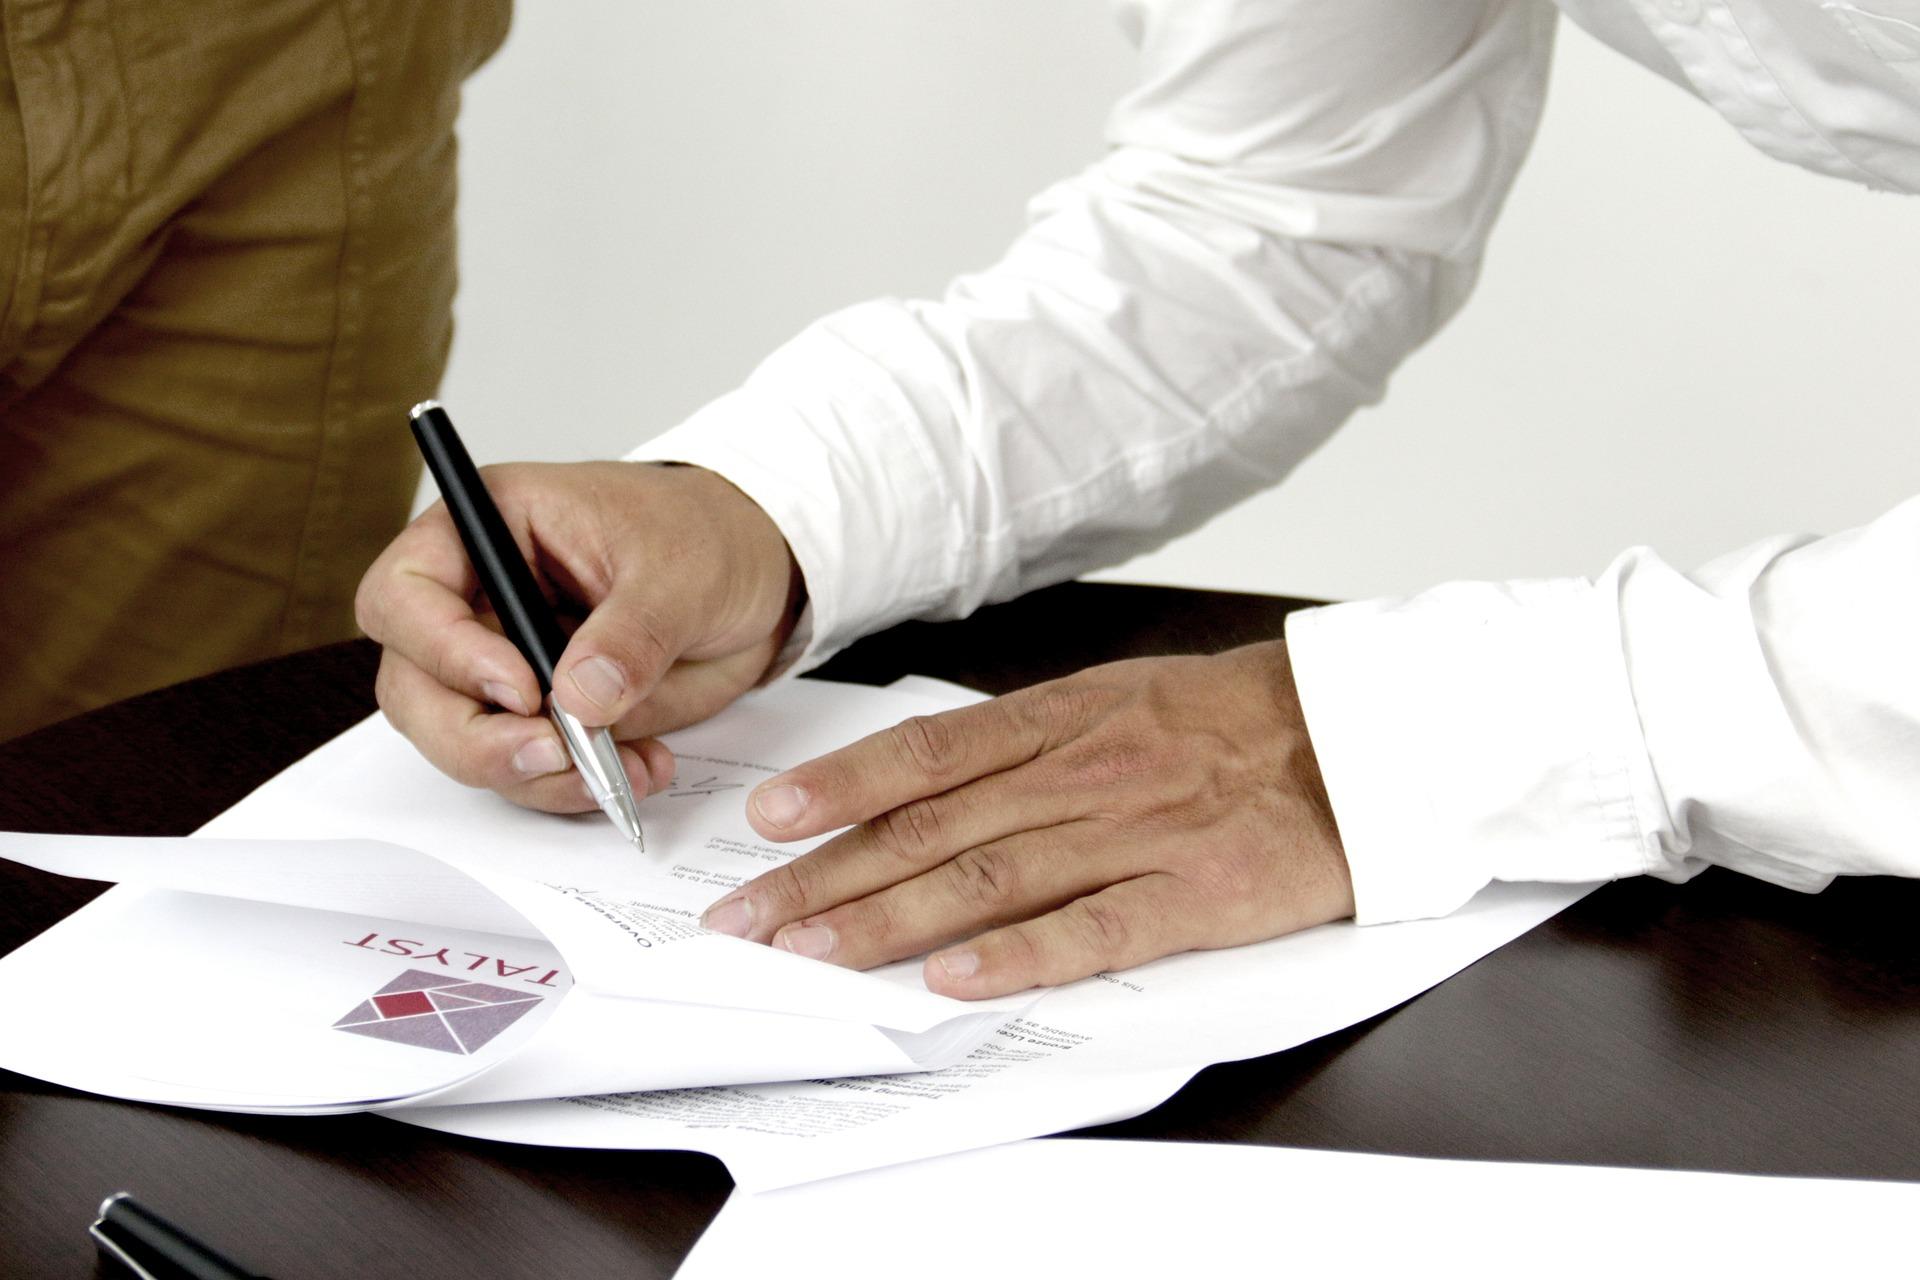 Unterschrift bei Auftragsverarbeitung